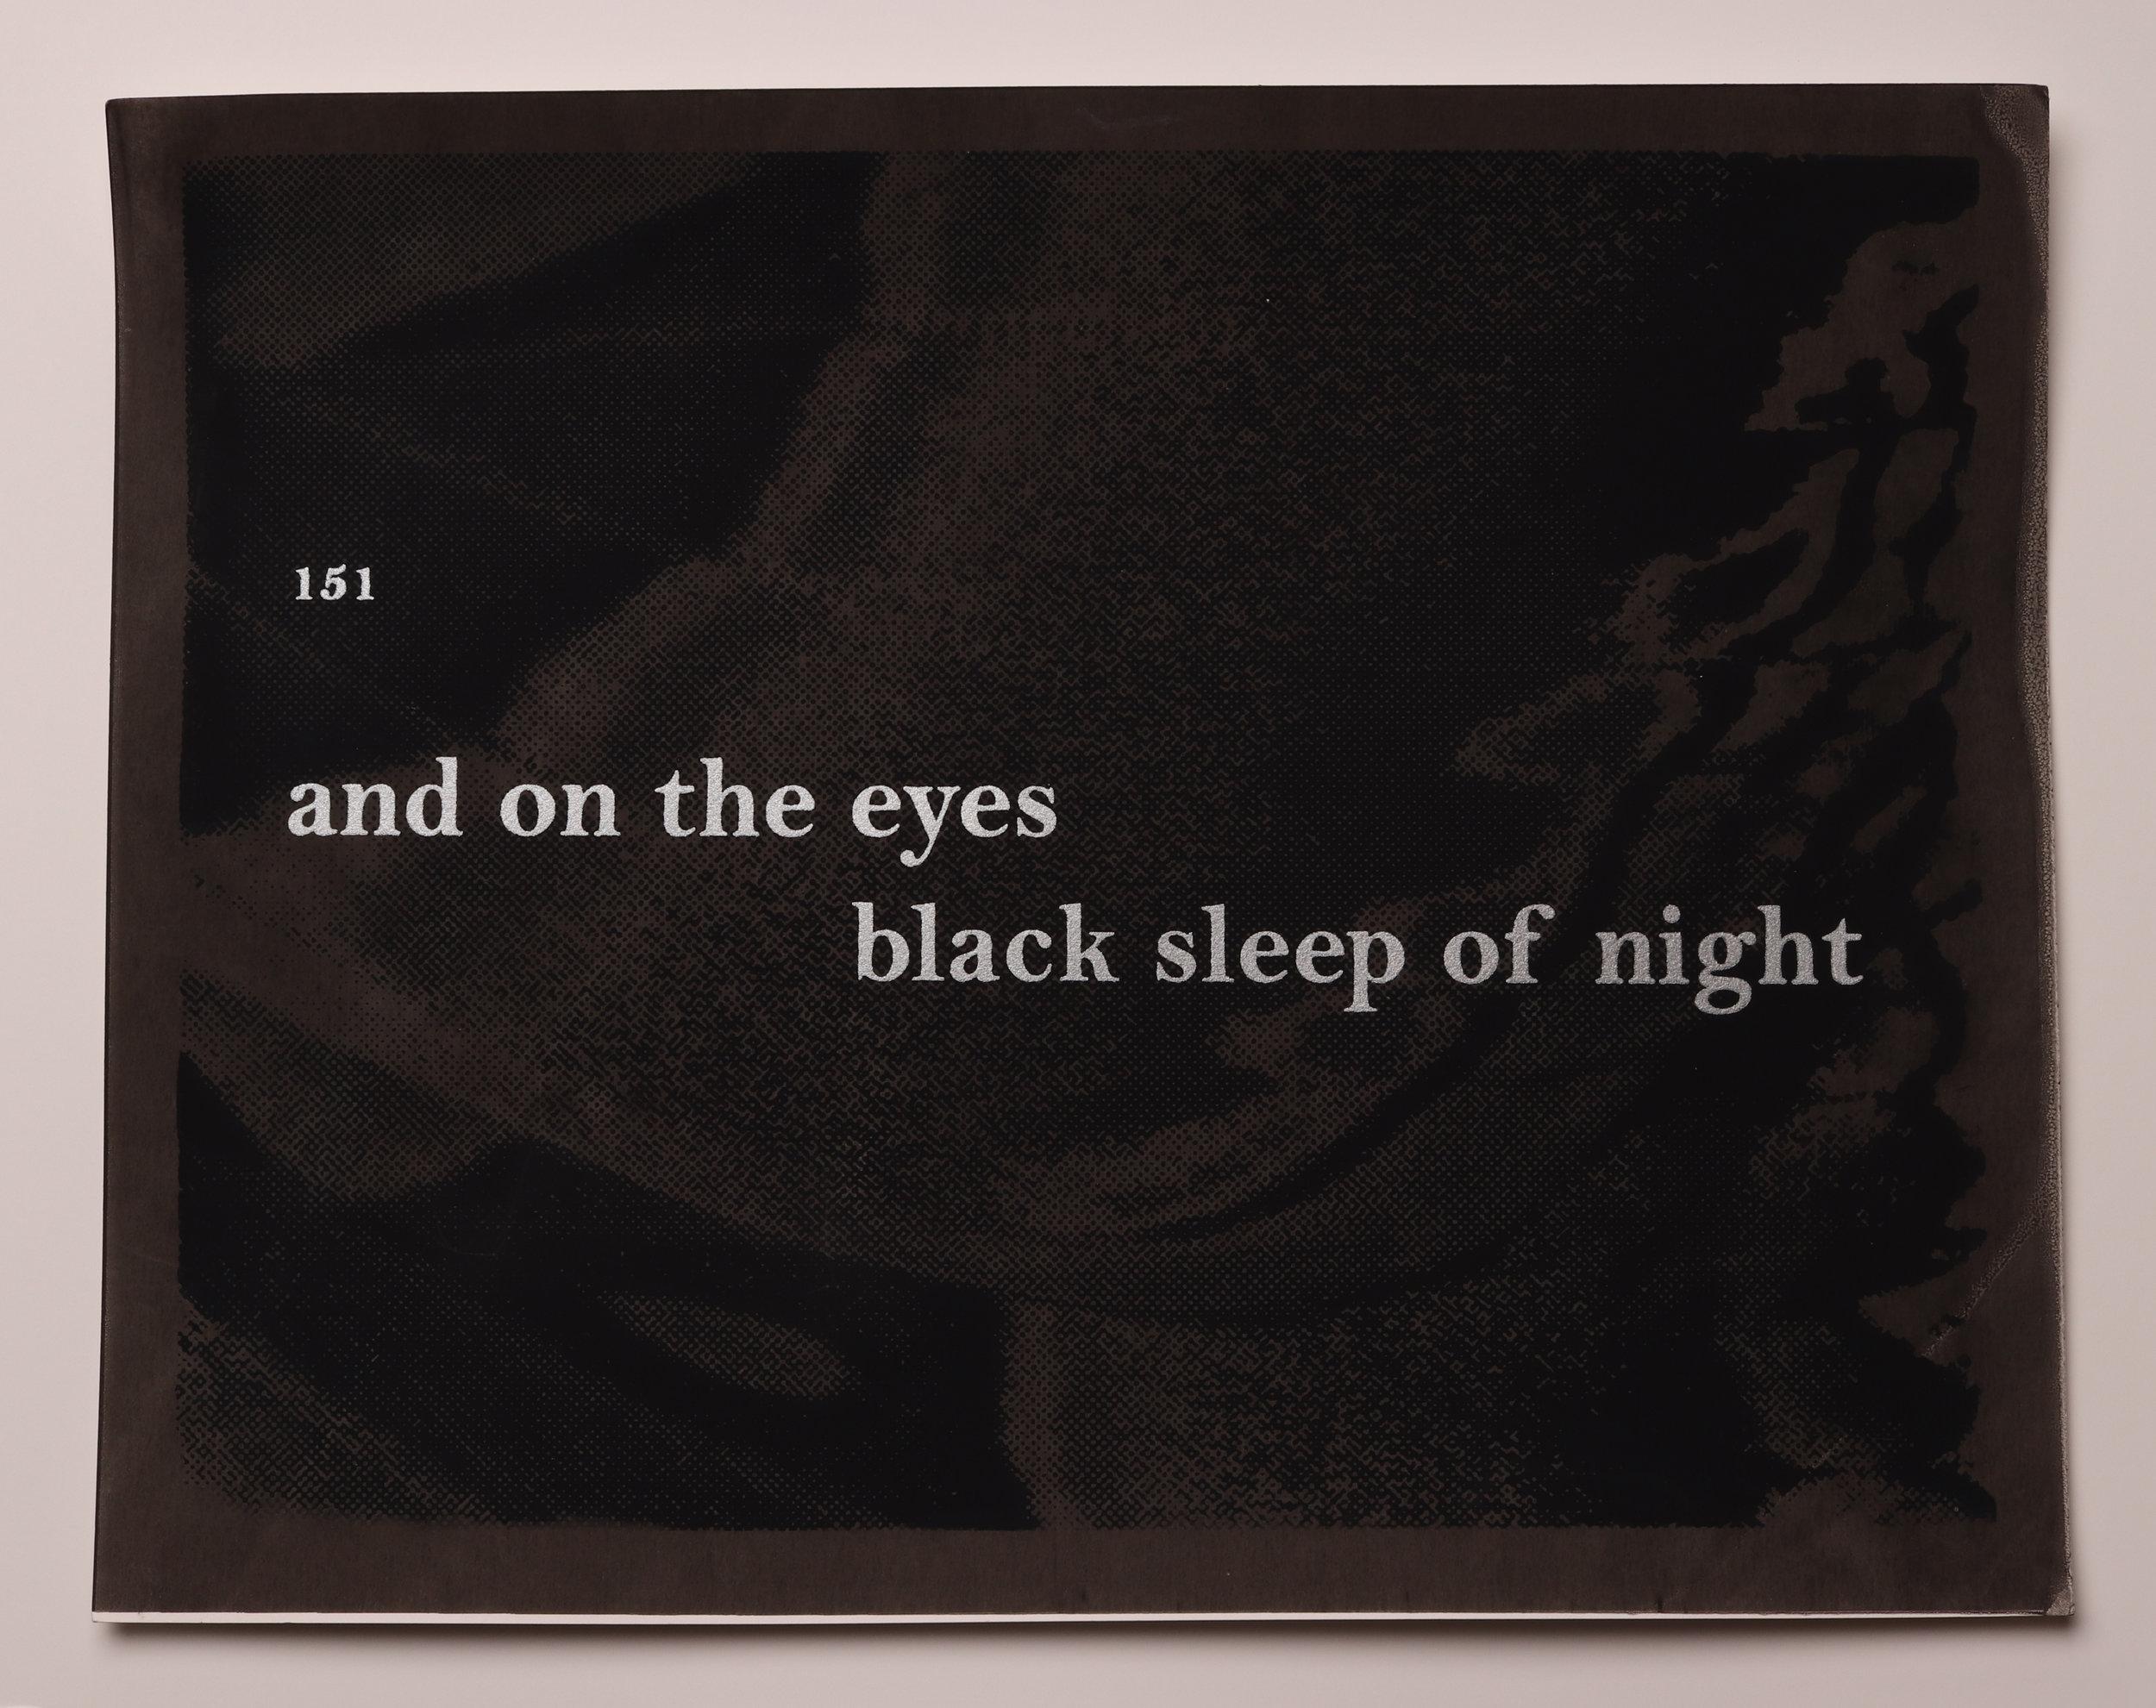 2018_05_20_blacksleepof.jpg